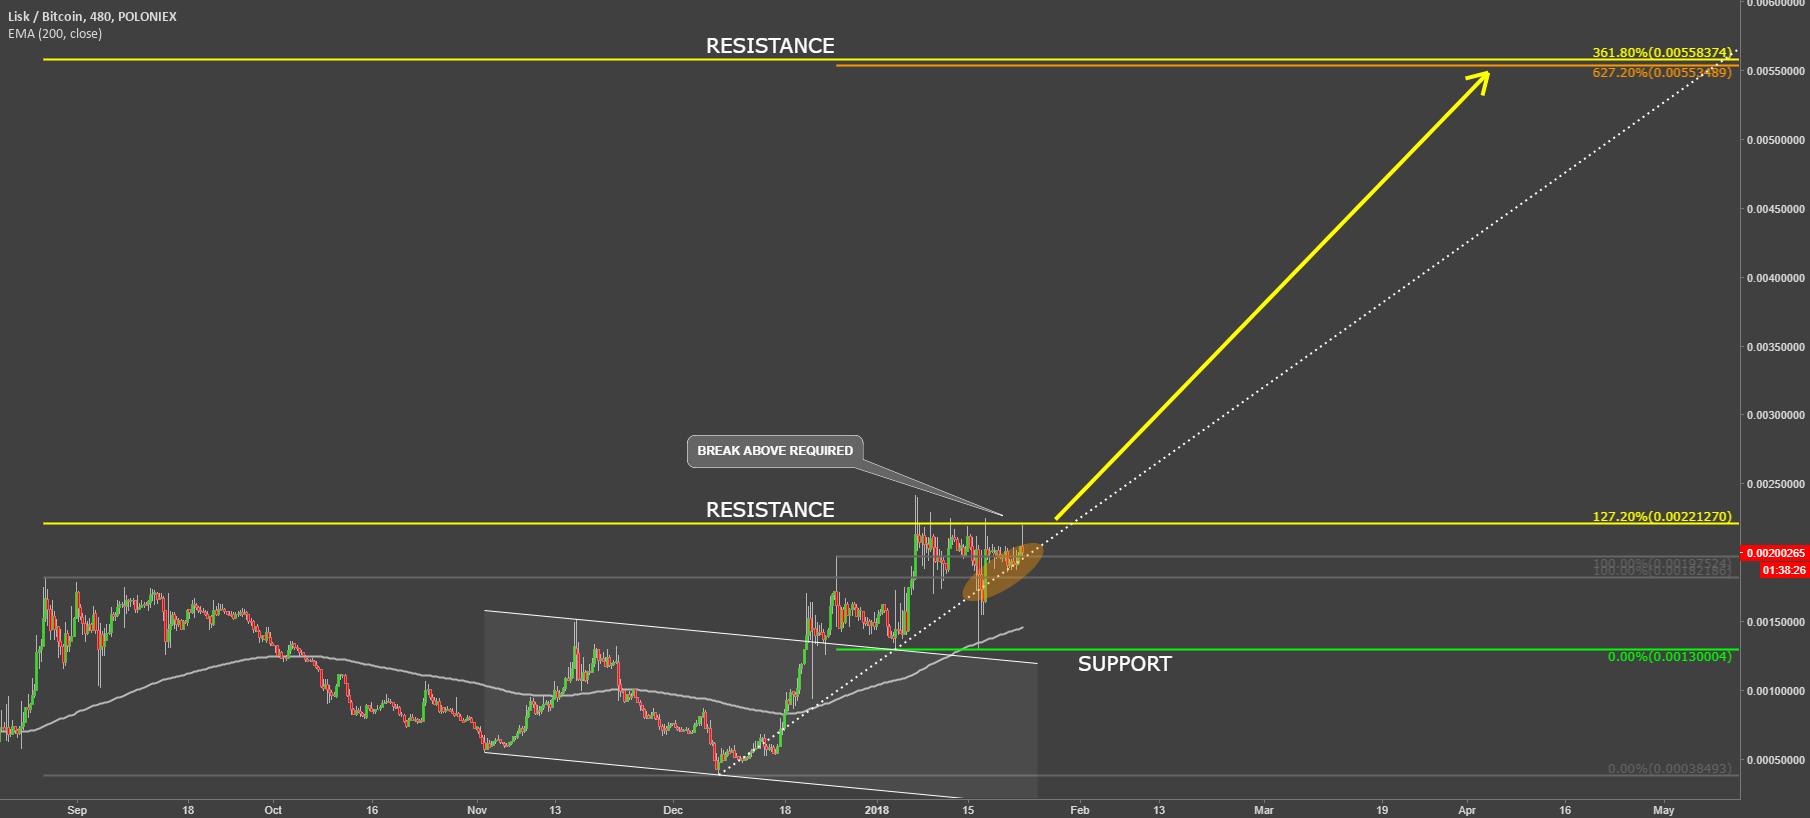 Lisk VS Bitcoin Waiting For Range Breakout